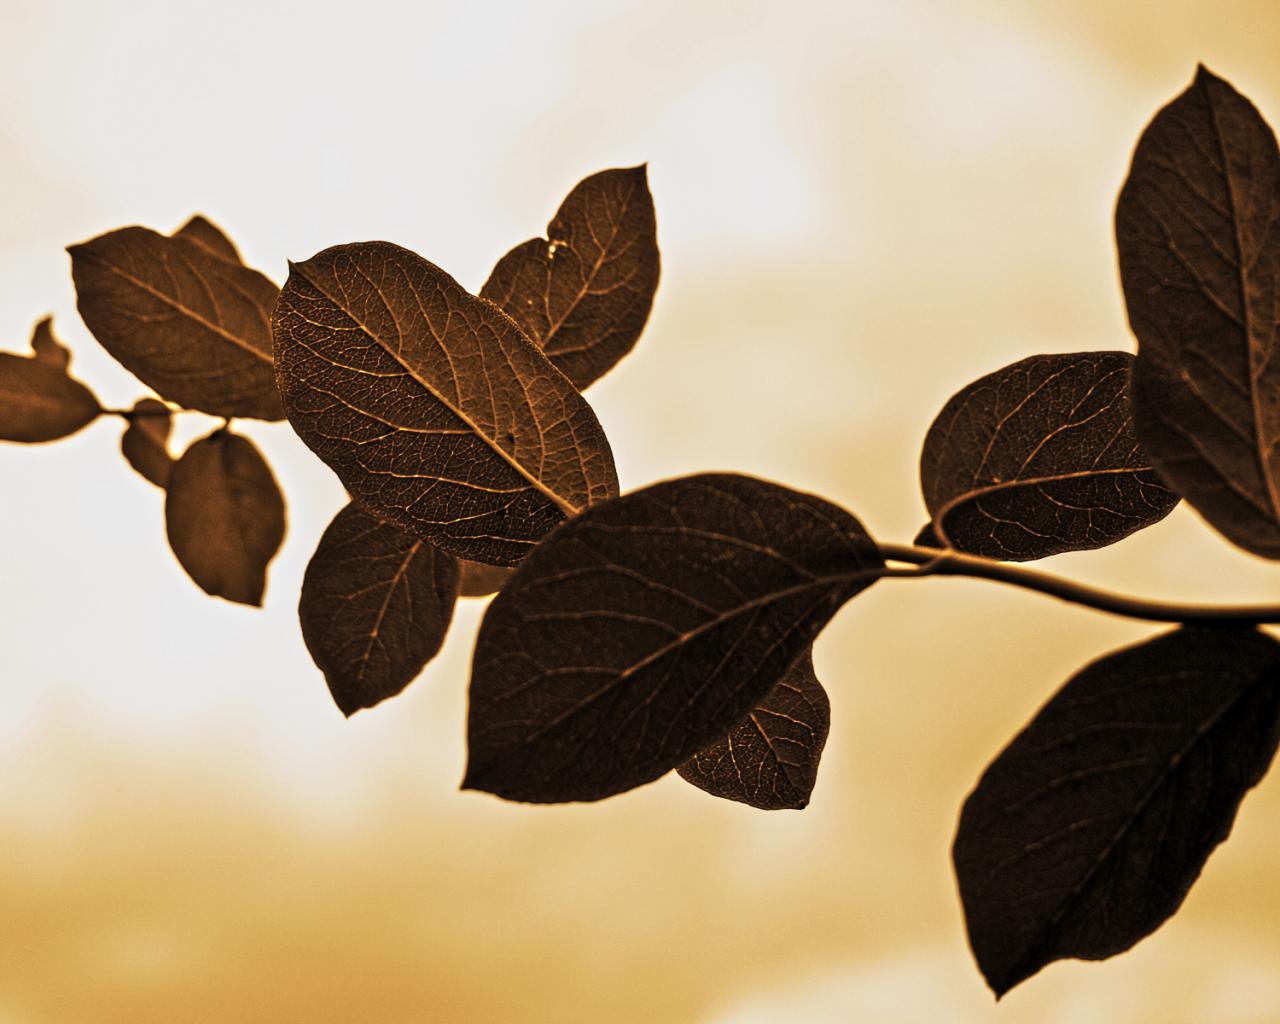 Природа дерево деревья макро листья